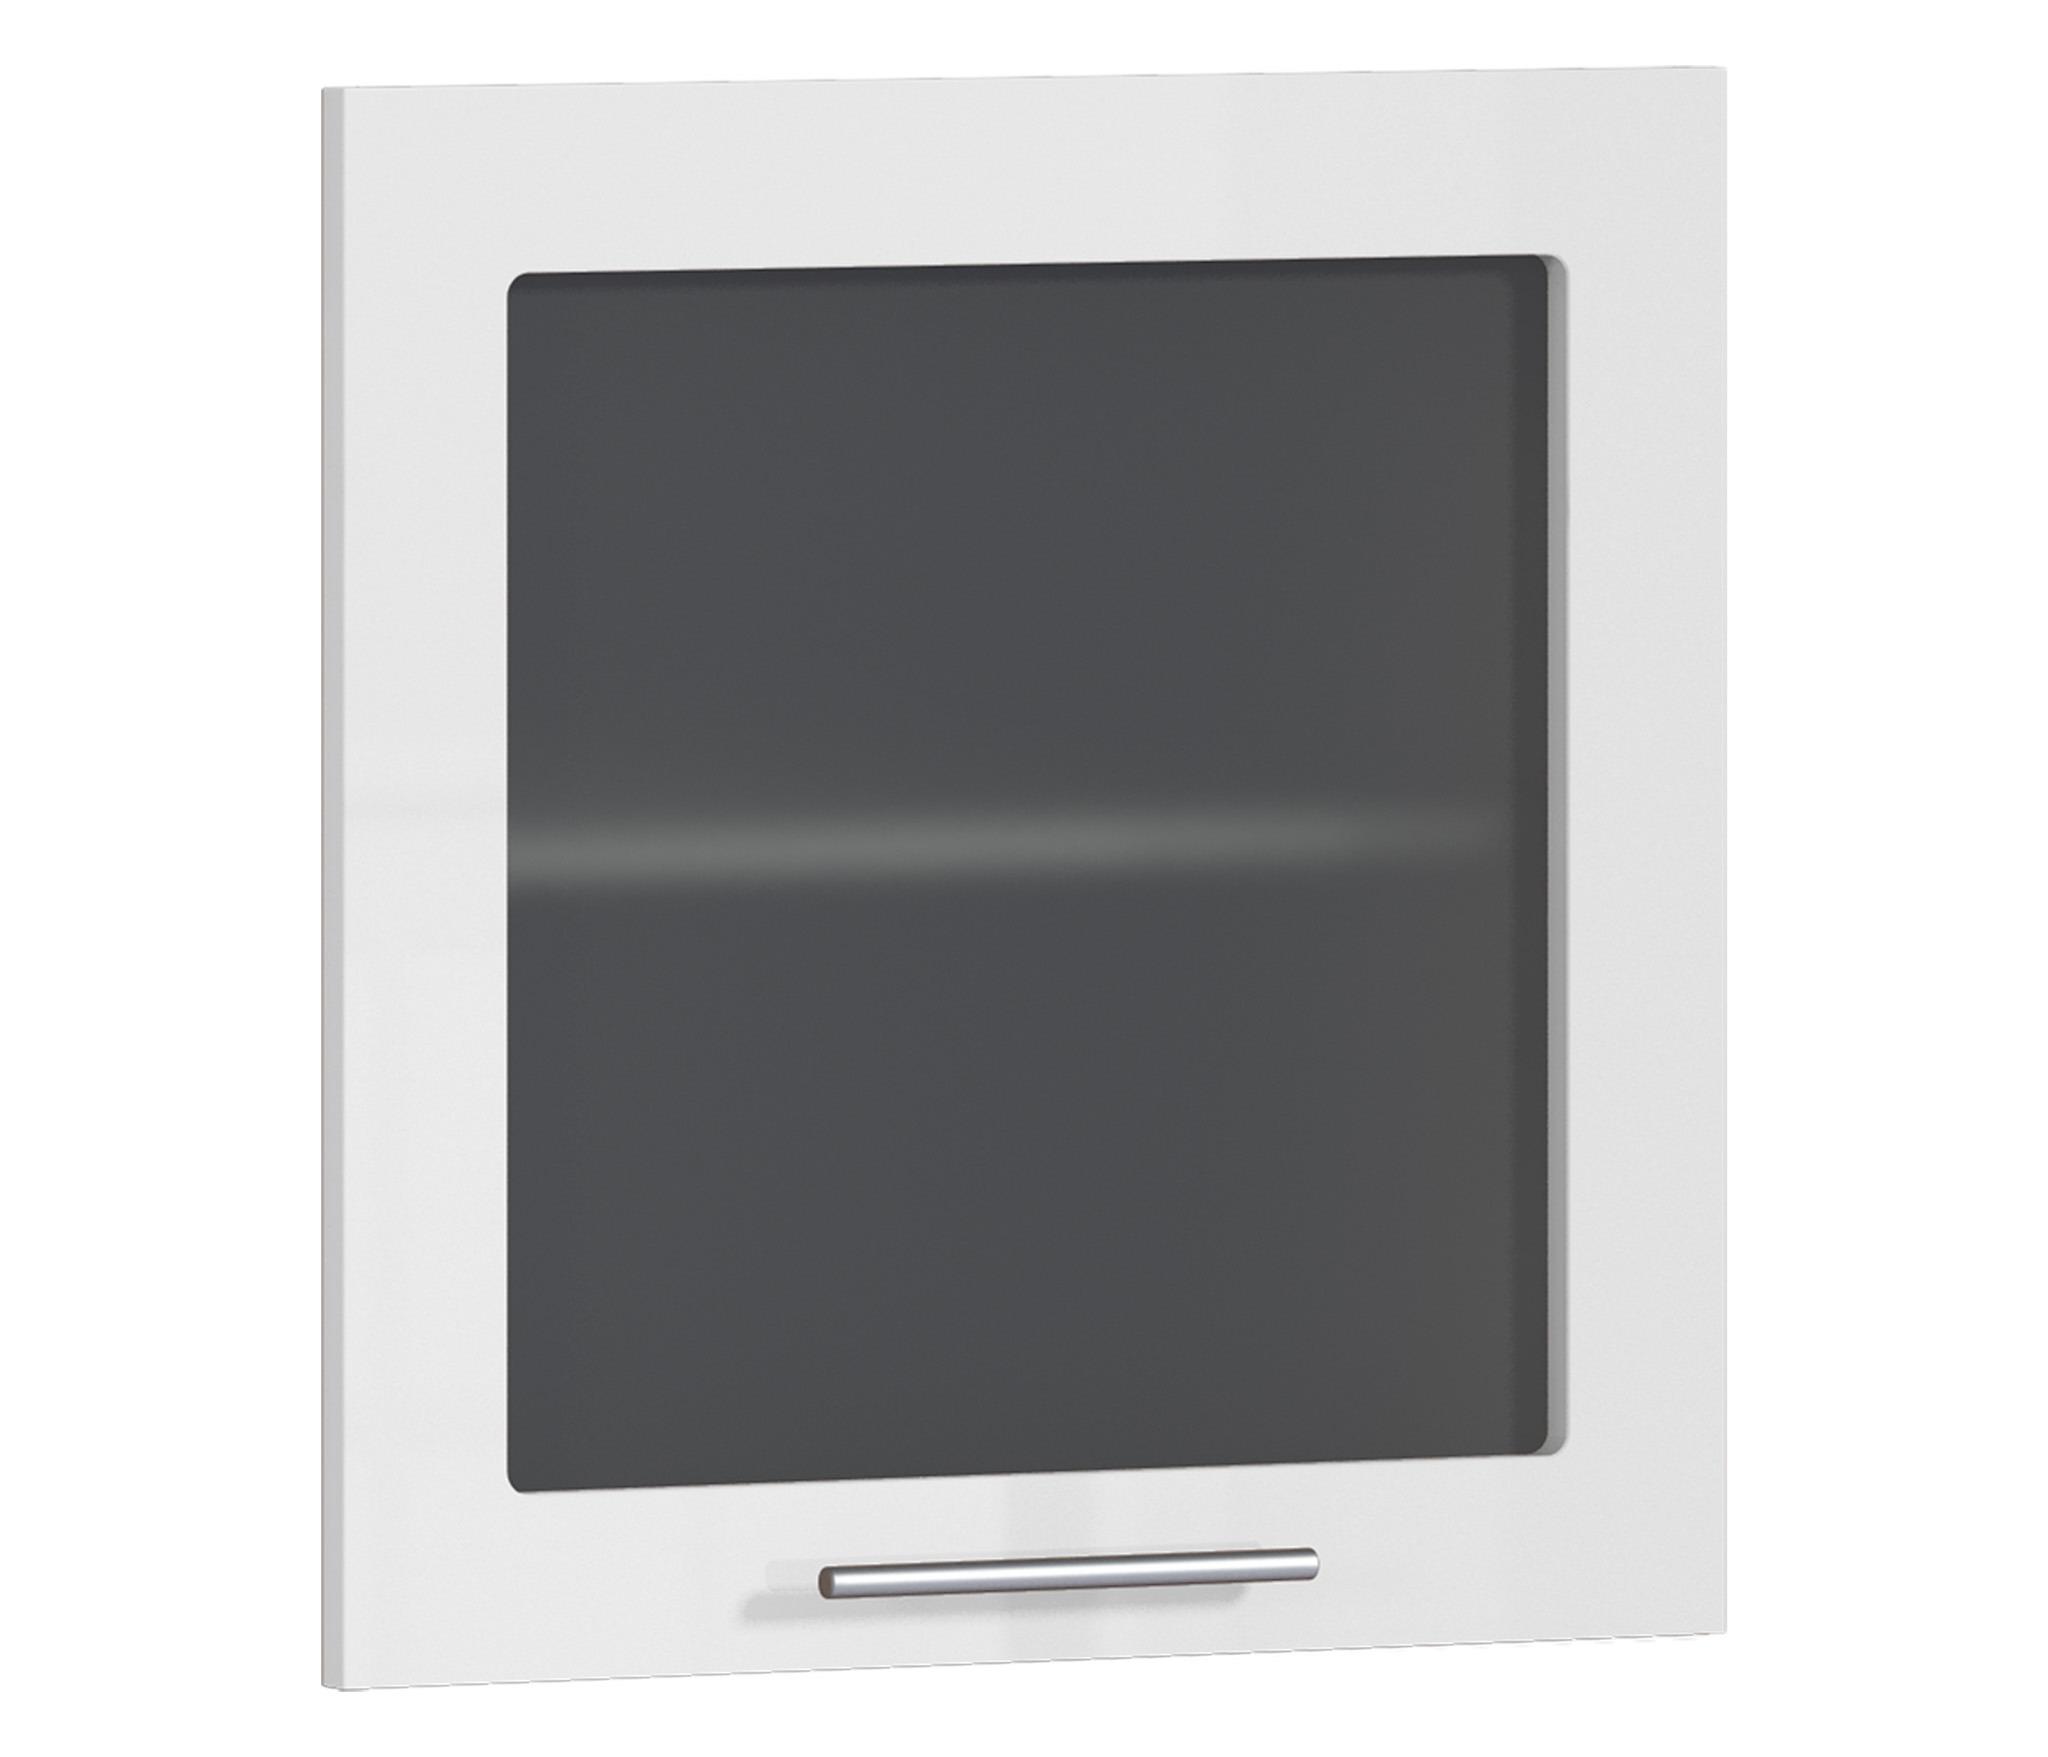 Анна ФВ-360С витринаКухня<br><br><br>Длина мм: 596<br>Высота мм: 596<br>Глубина мм: 21